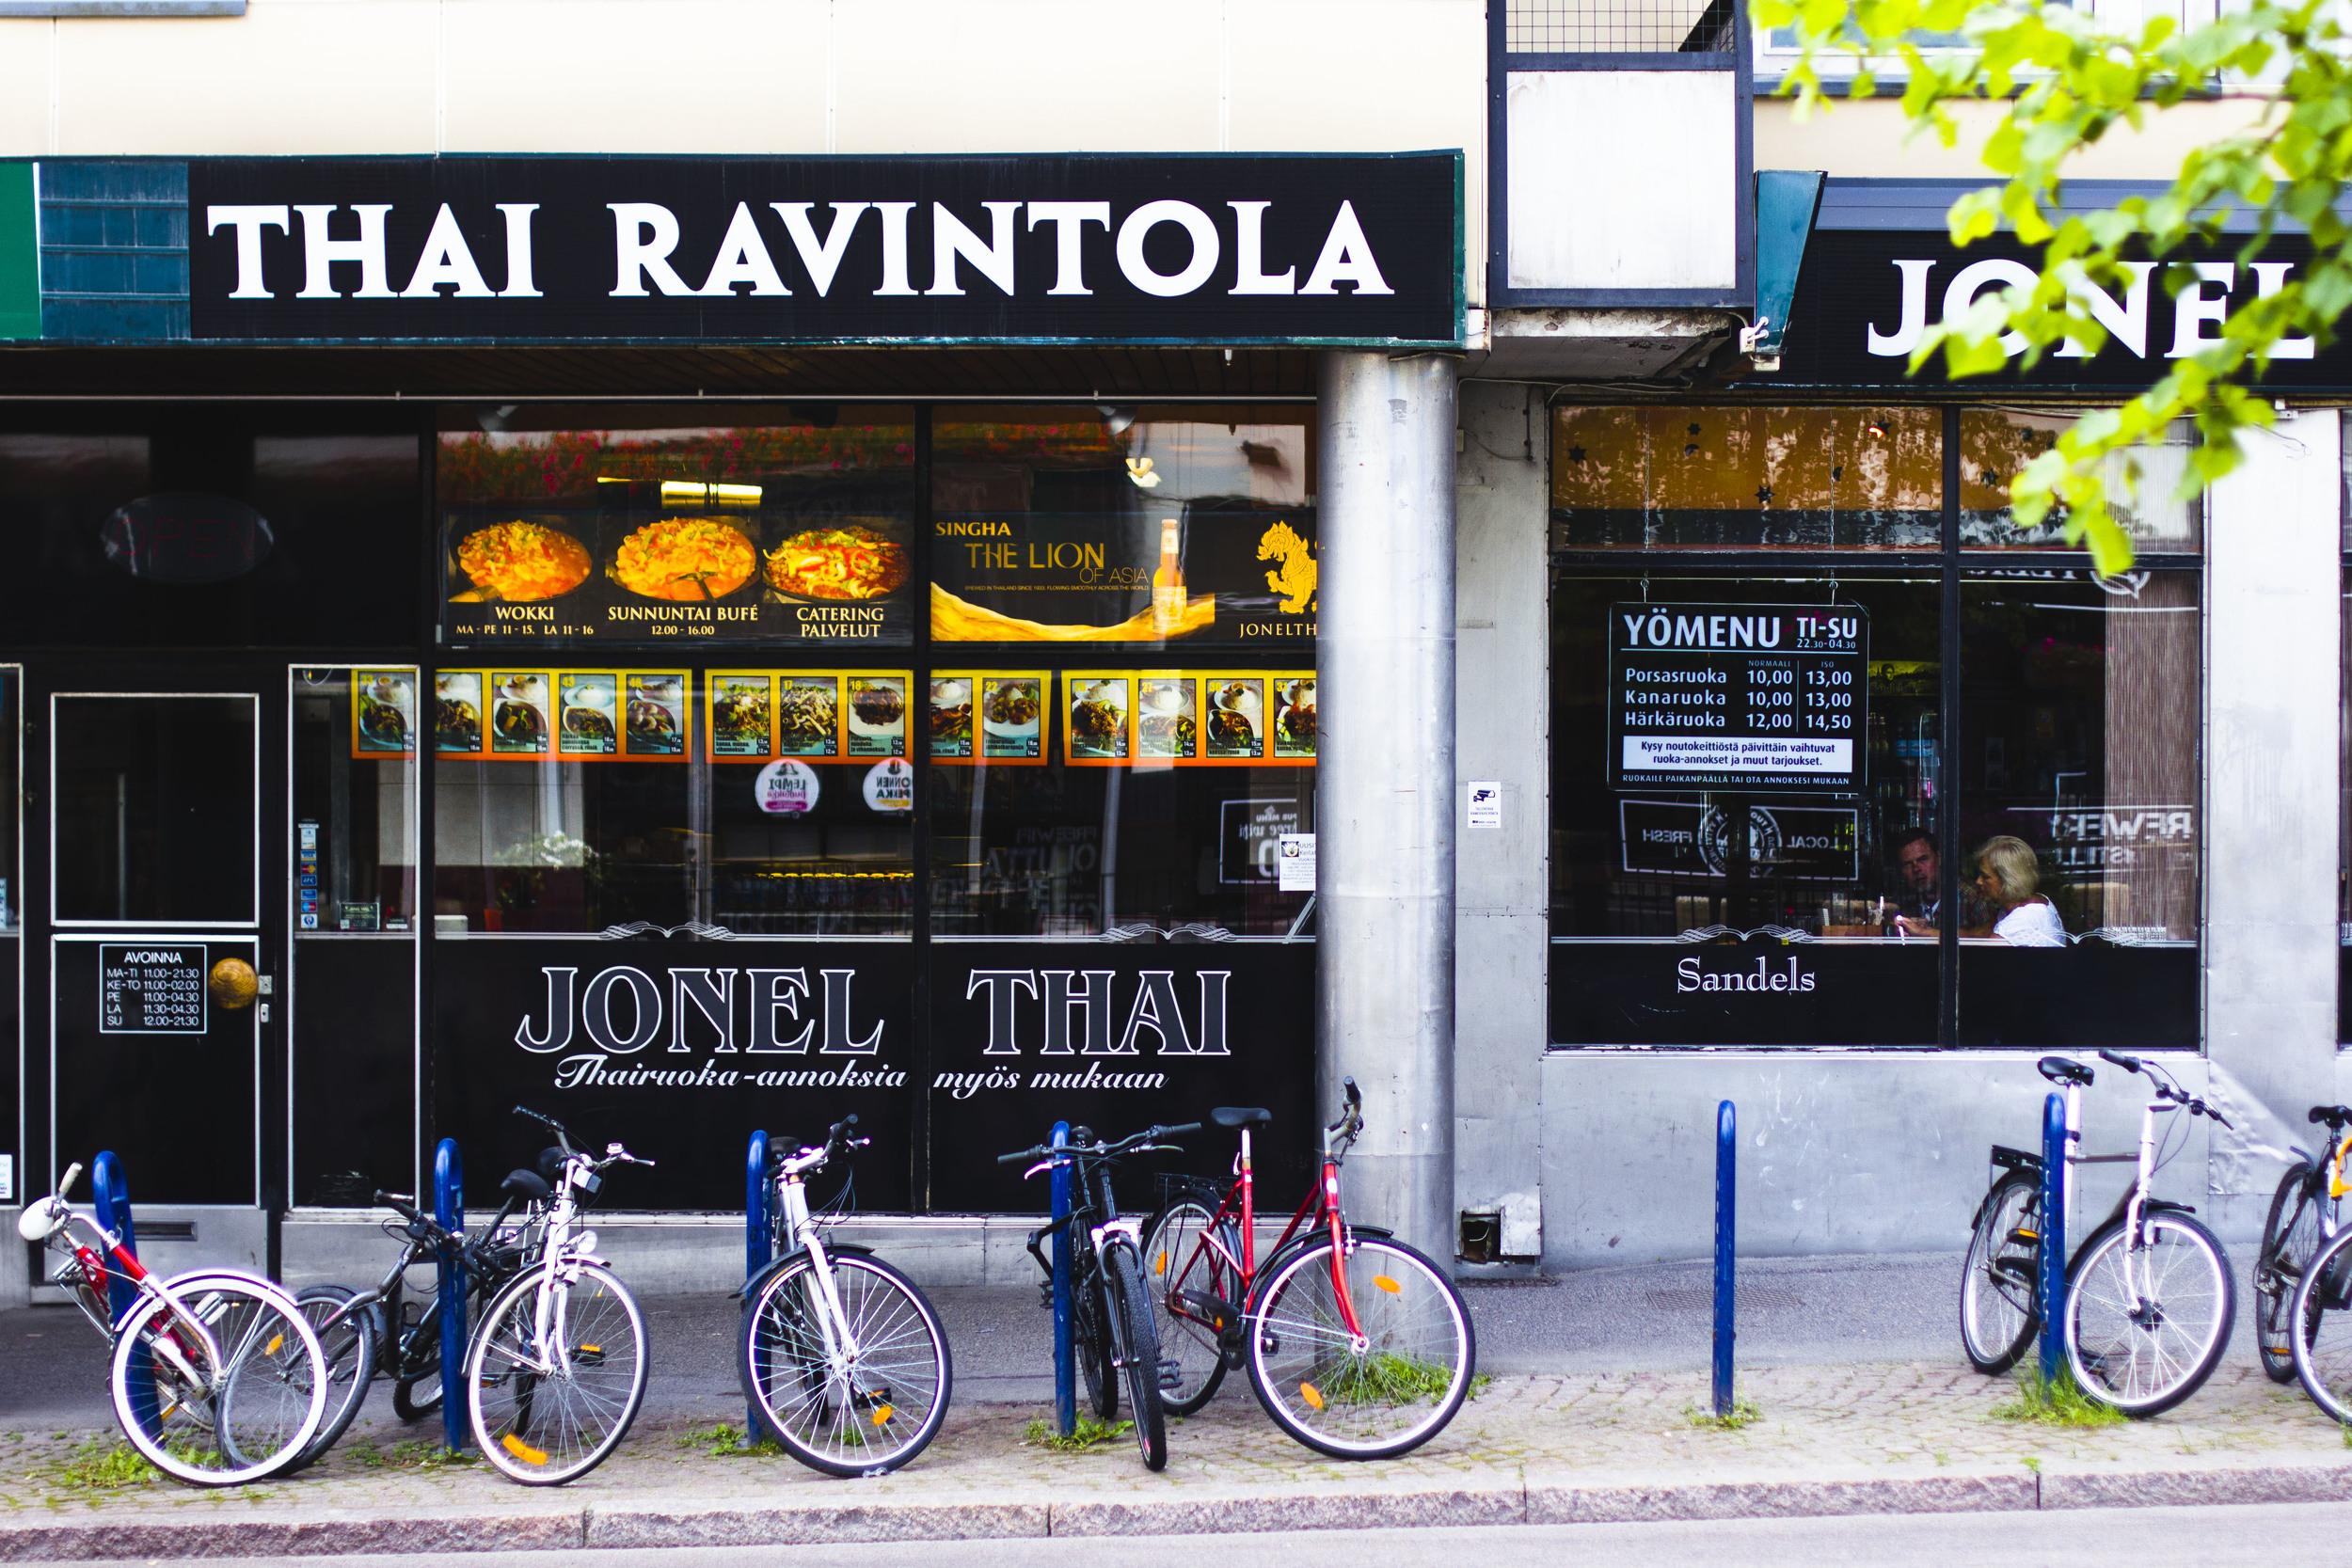 Jonel-Thai Catering toimittaa juhliisi / tapahtumaasi unohtumattomat kattauksen erinomaista maistuvaa Thai-ruokaa.